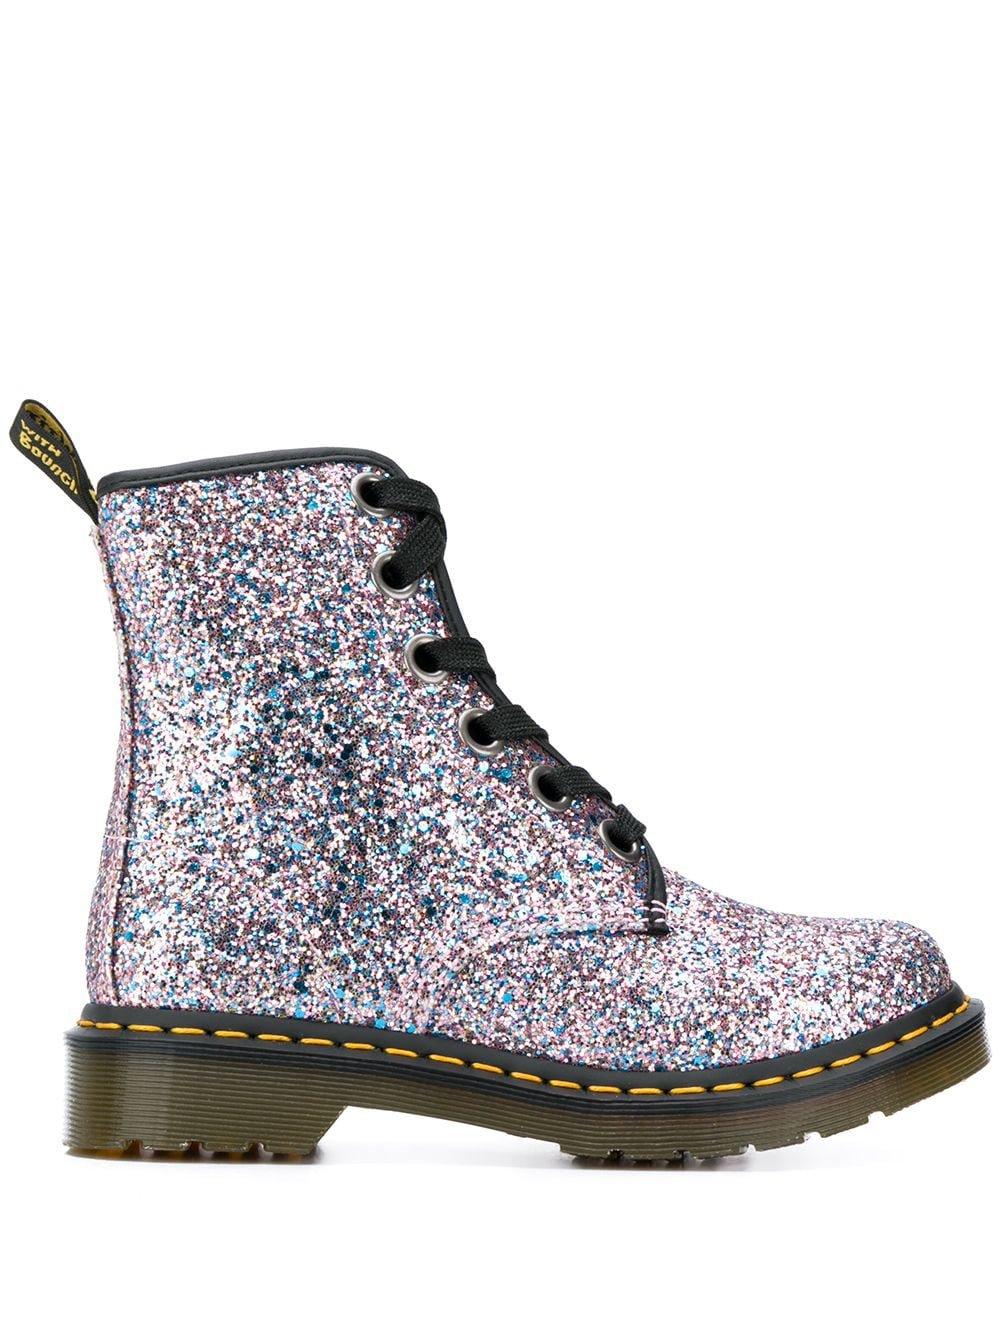 Dr. Martens Glitter Embellished Boots